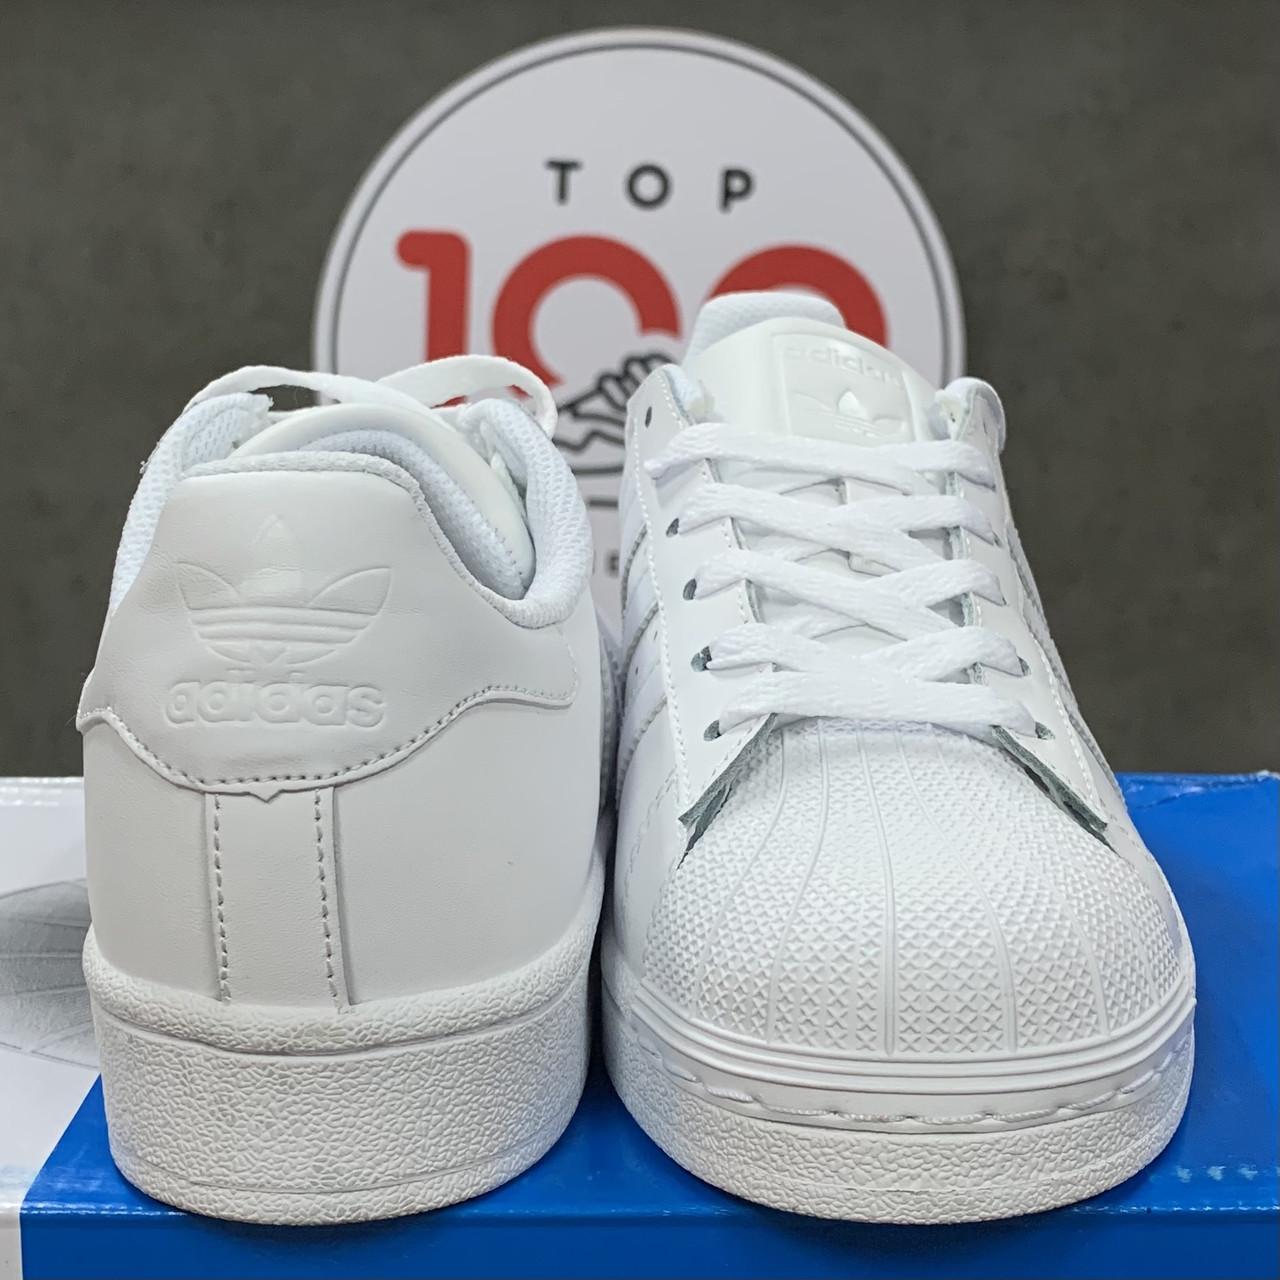 Кеды Adidas Superstar - фото 3